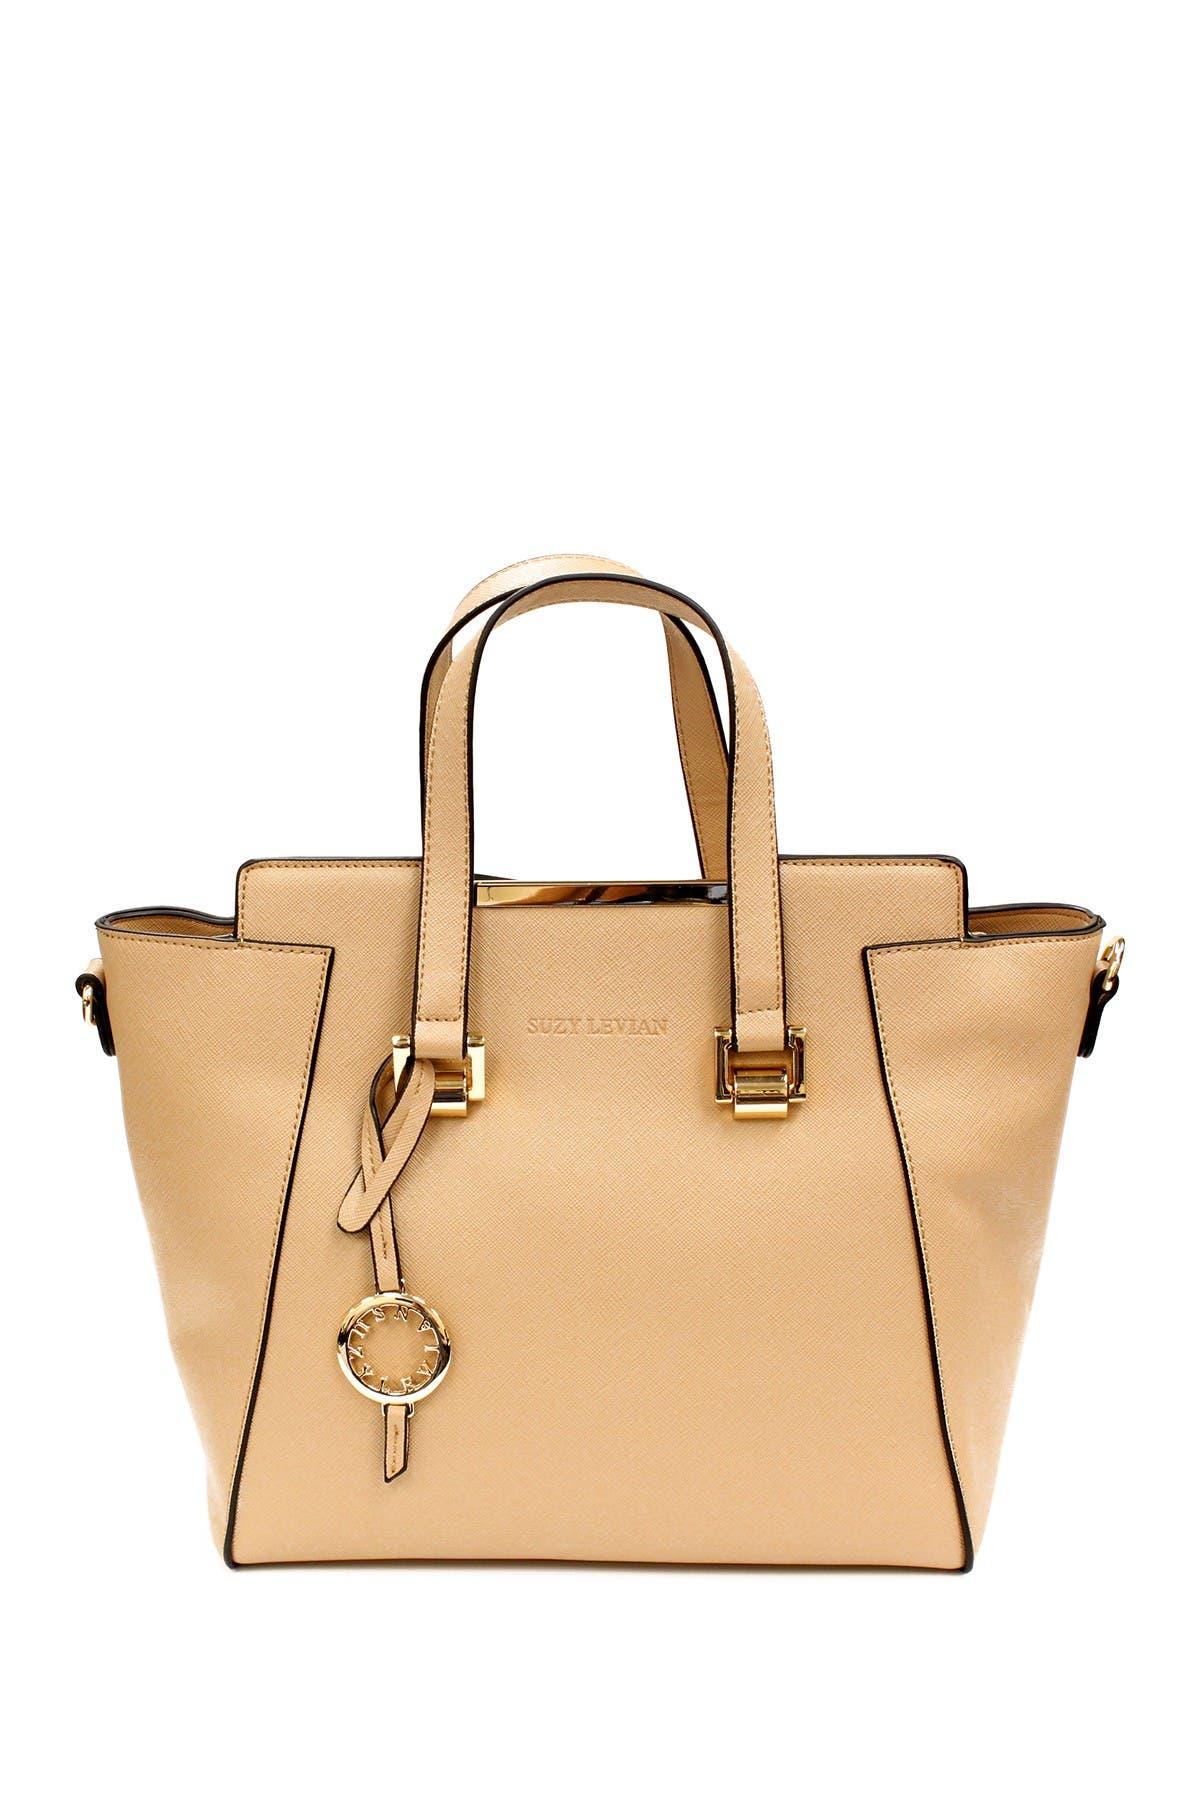 Image of Suzy Levian Saffiano Faux Leather Satchel Bag